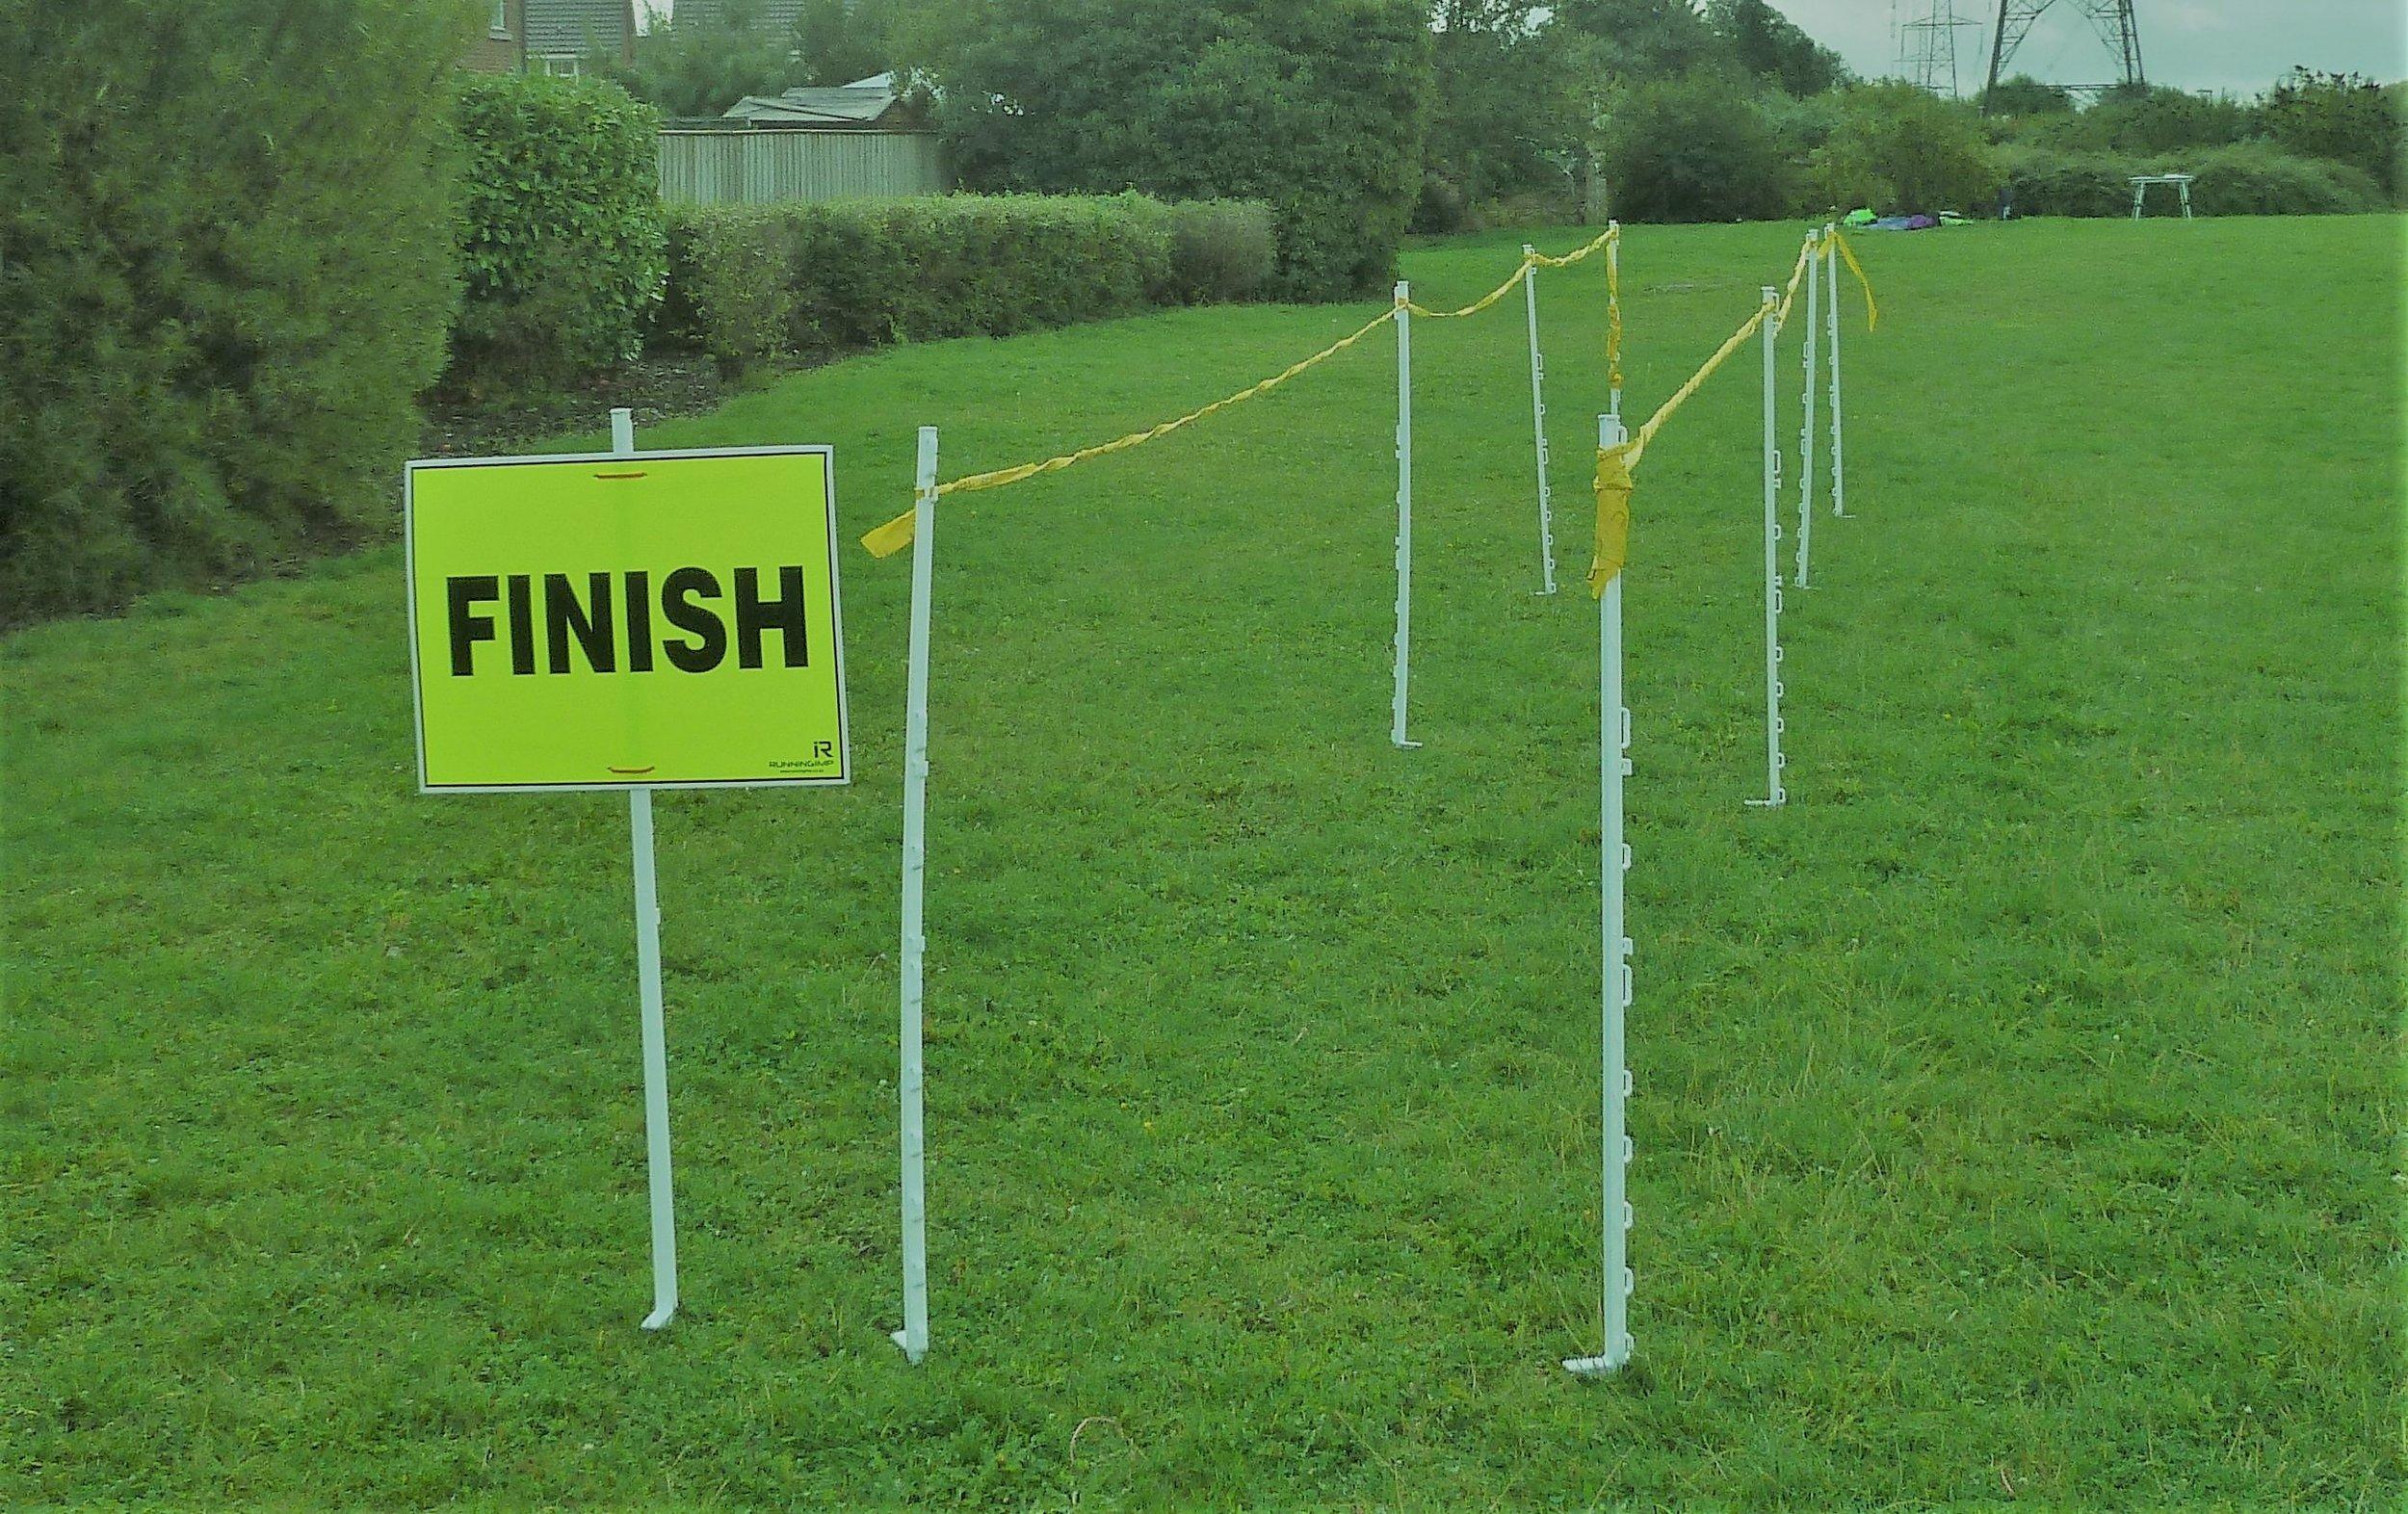 parkrun-race-finish.jpg